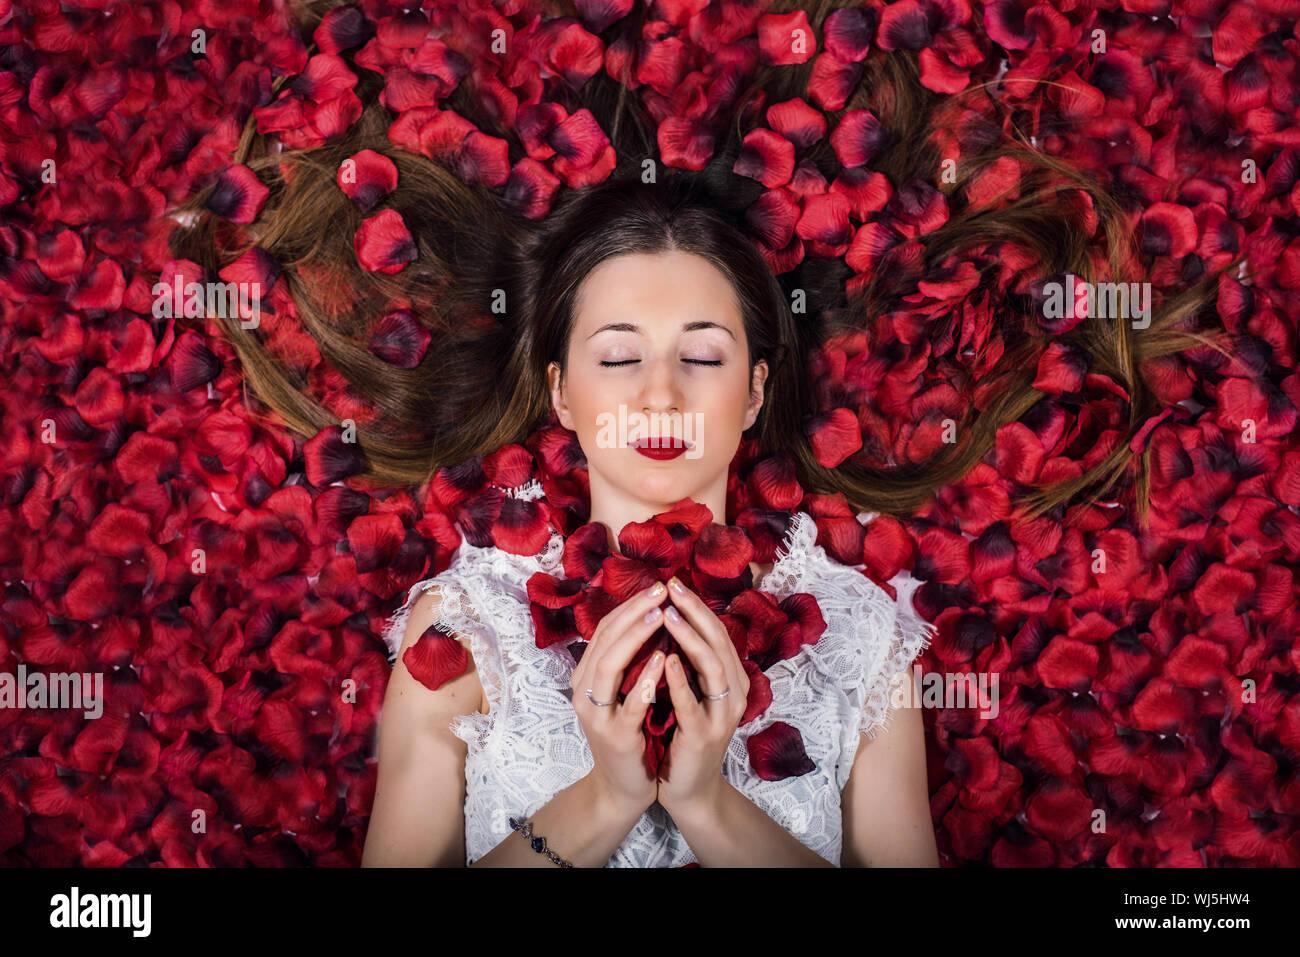 Directamente encima de foto de mujer acostada sobre Pétalos de Rosas Foto de stock